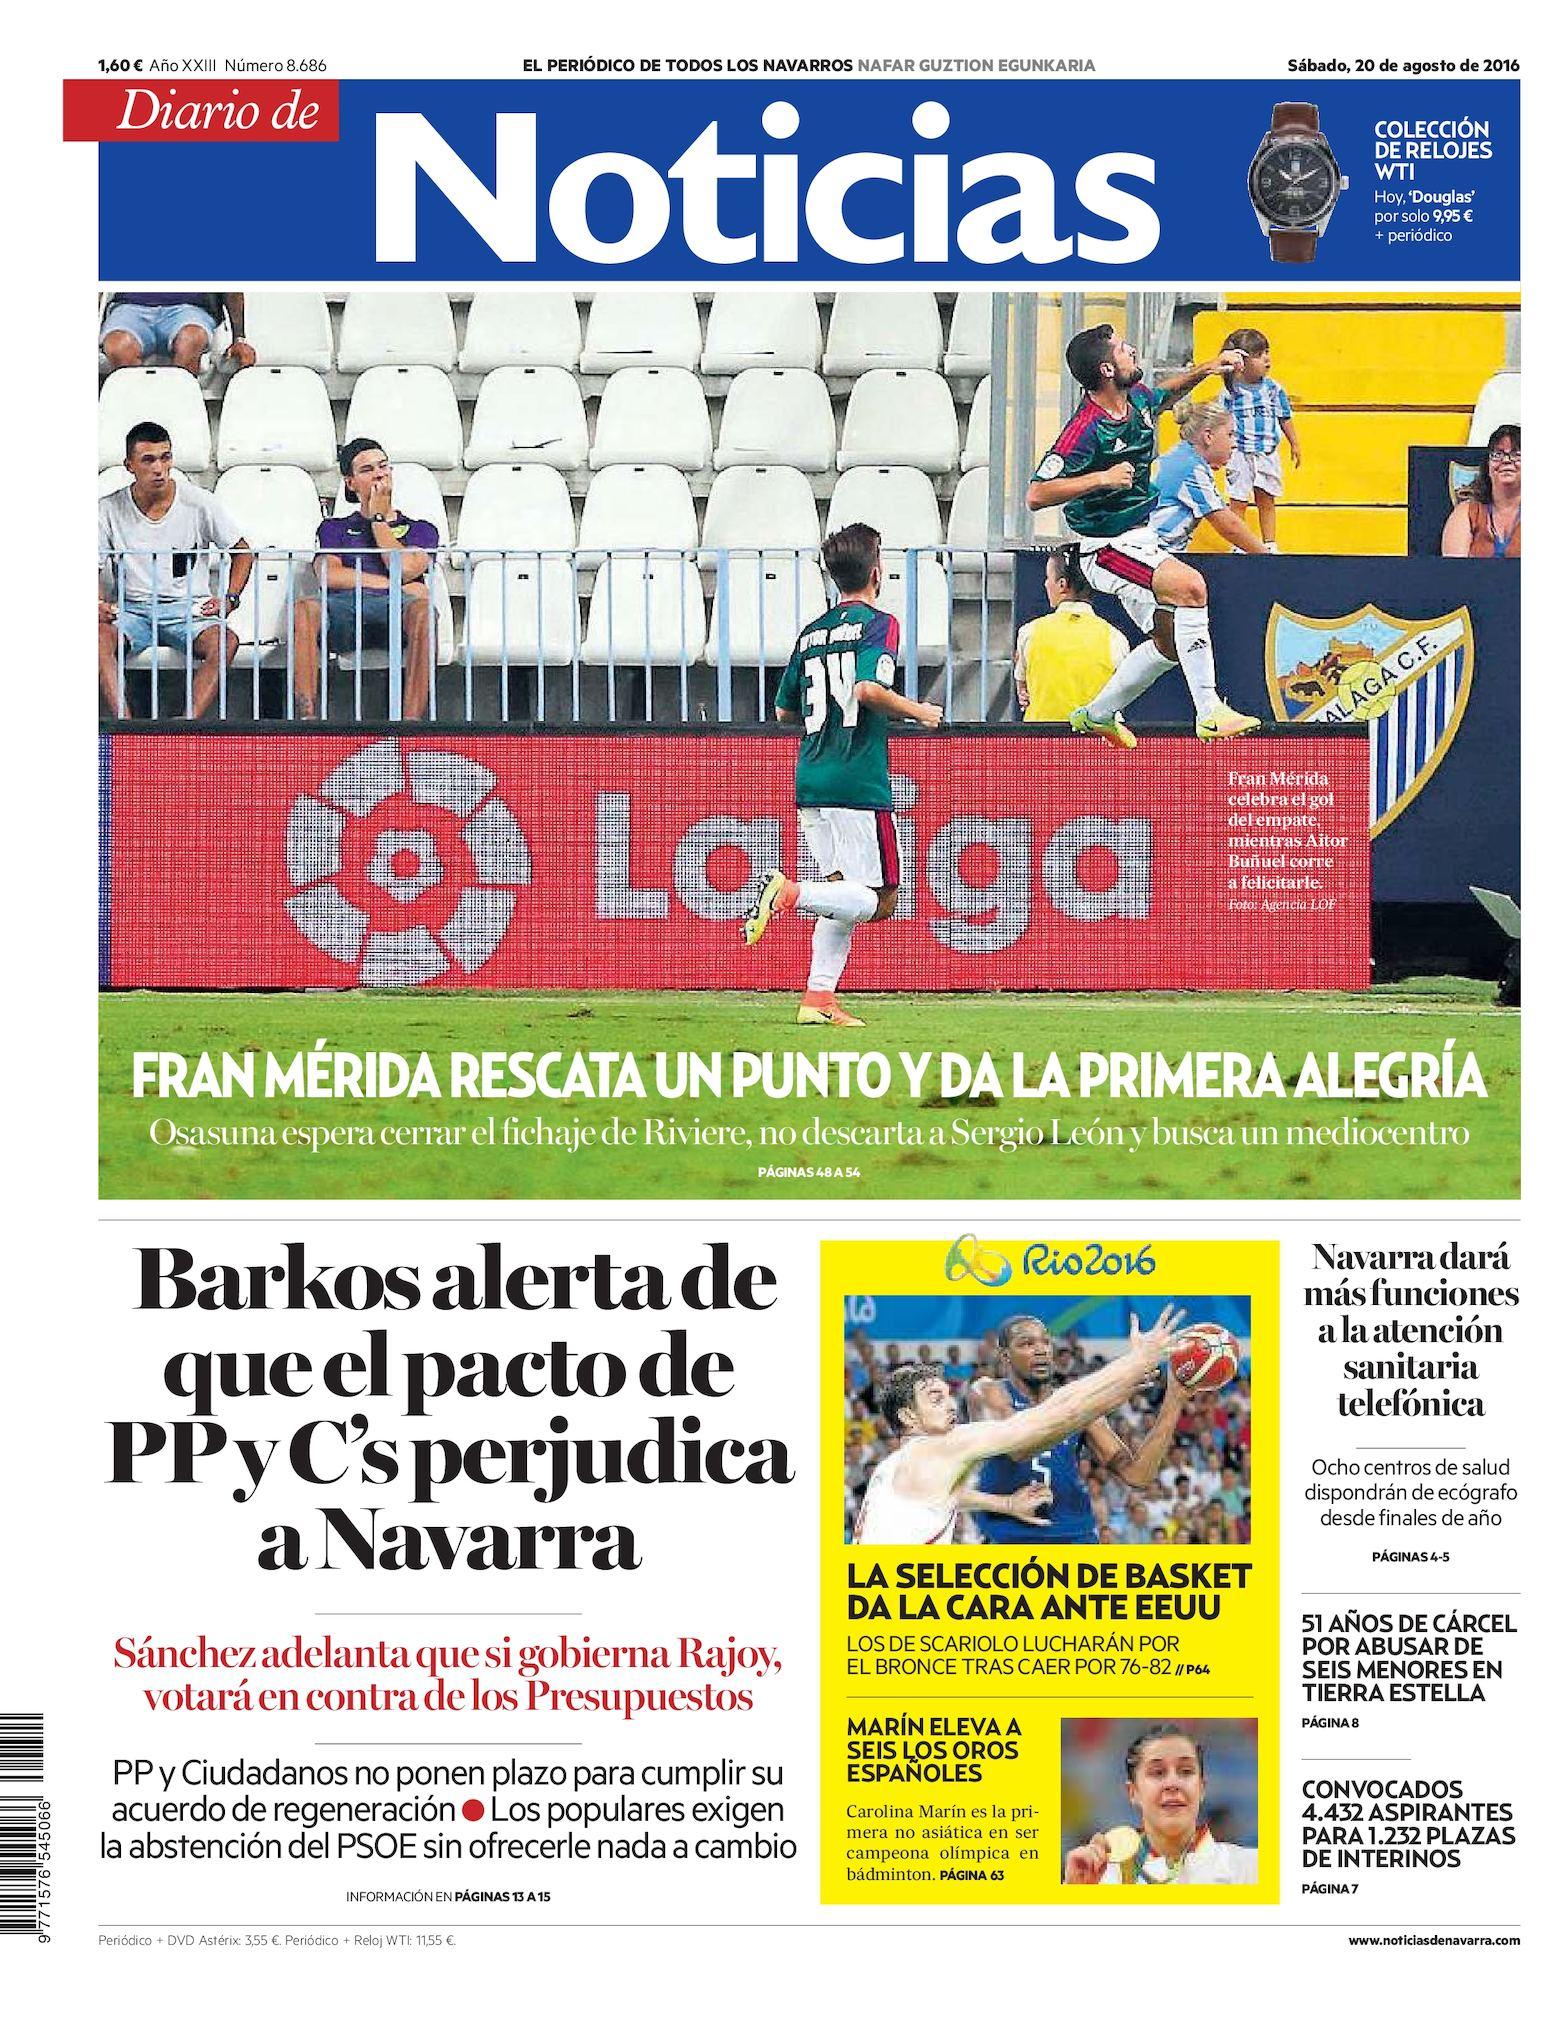 Calaméo - Diario de Noticias 20160820 8ca7a7e1e59